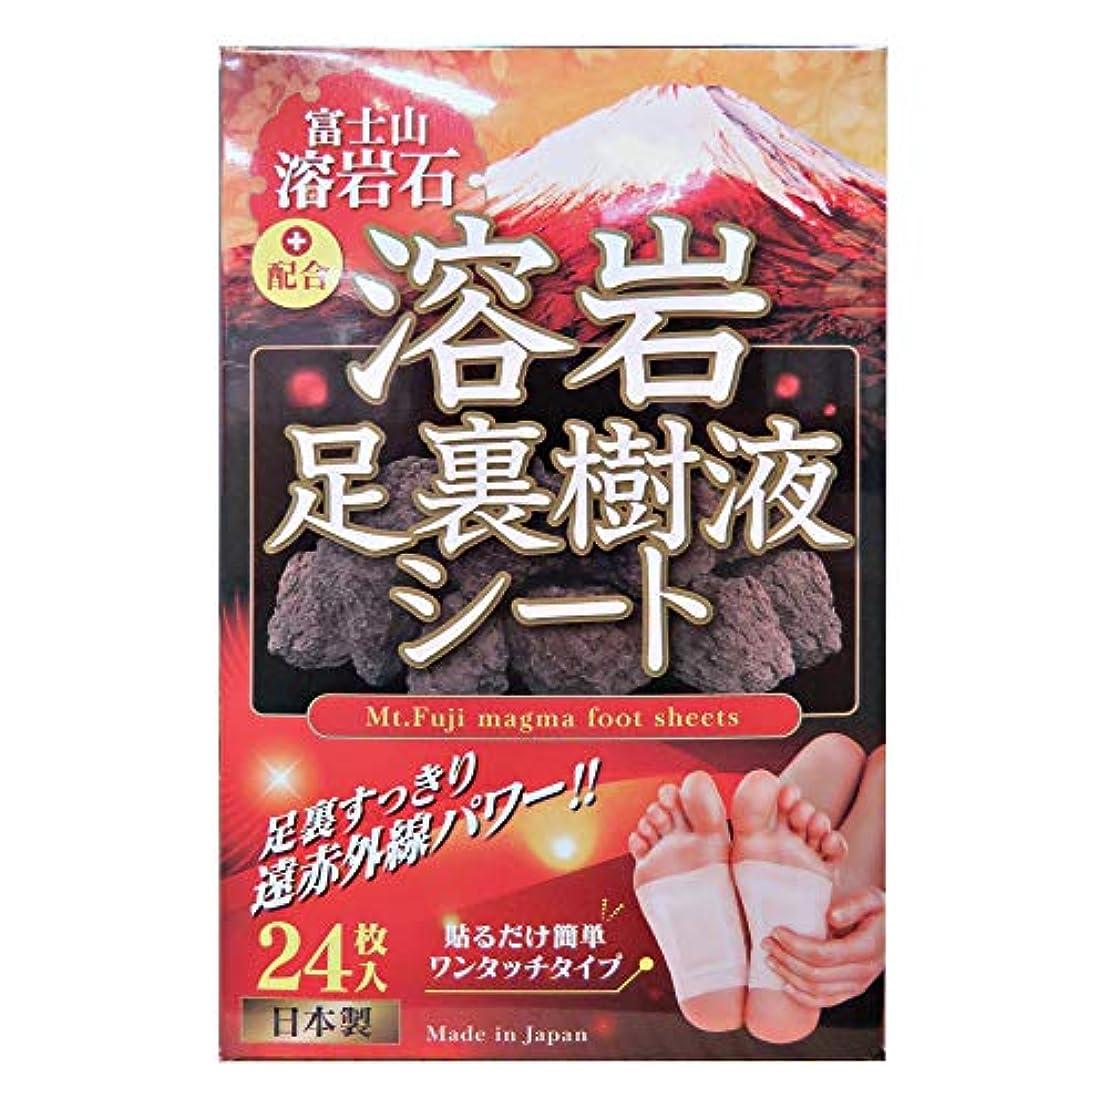 小競り合い人形ラショナル富士山溶岩石配合 溶岩足裏樹液シート(24枚)